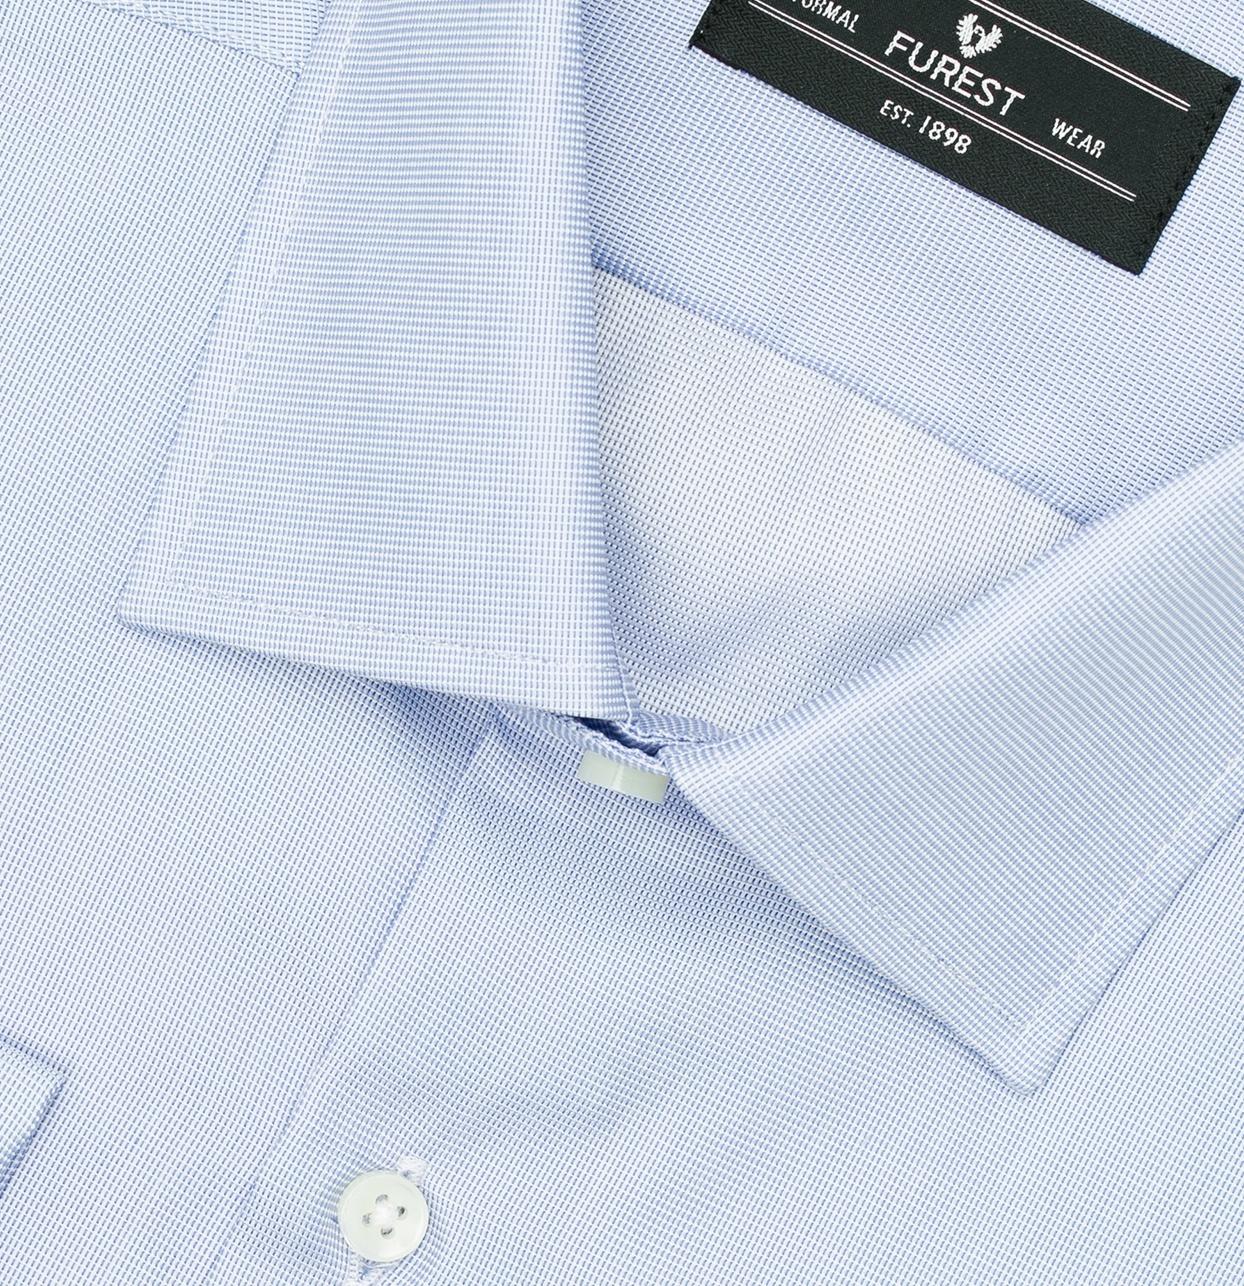 Camisa Formal Wear REGULAR FIT cuello Italiano y puño doble modelo ROMA Tejido micrograbado color azul, 100% Algodón. - Ítem1